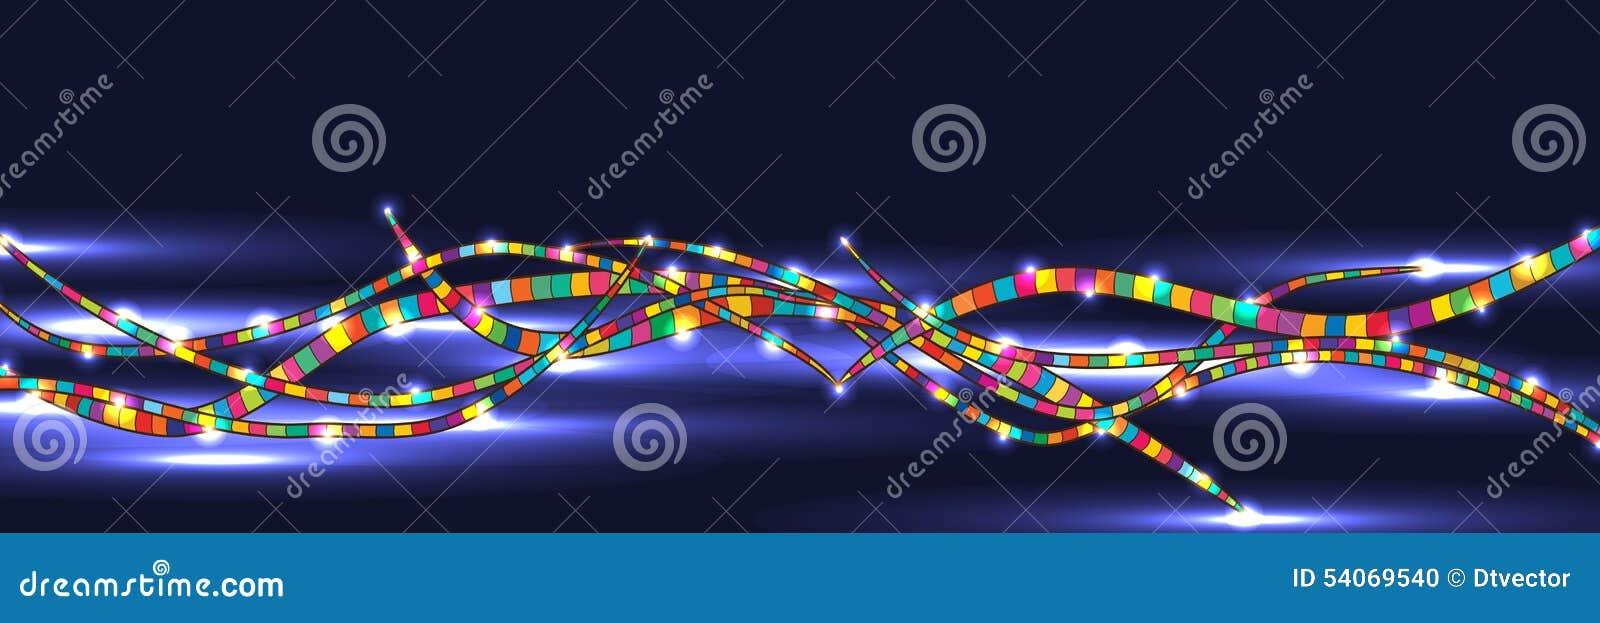 Linha colorida bandeira brilhante escura